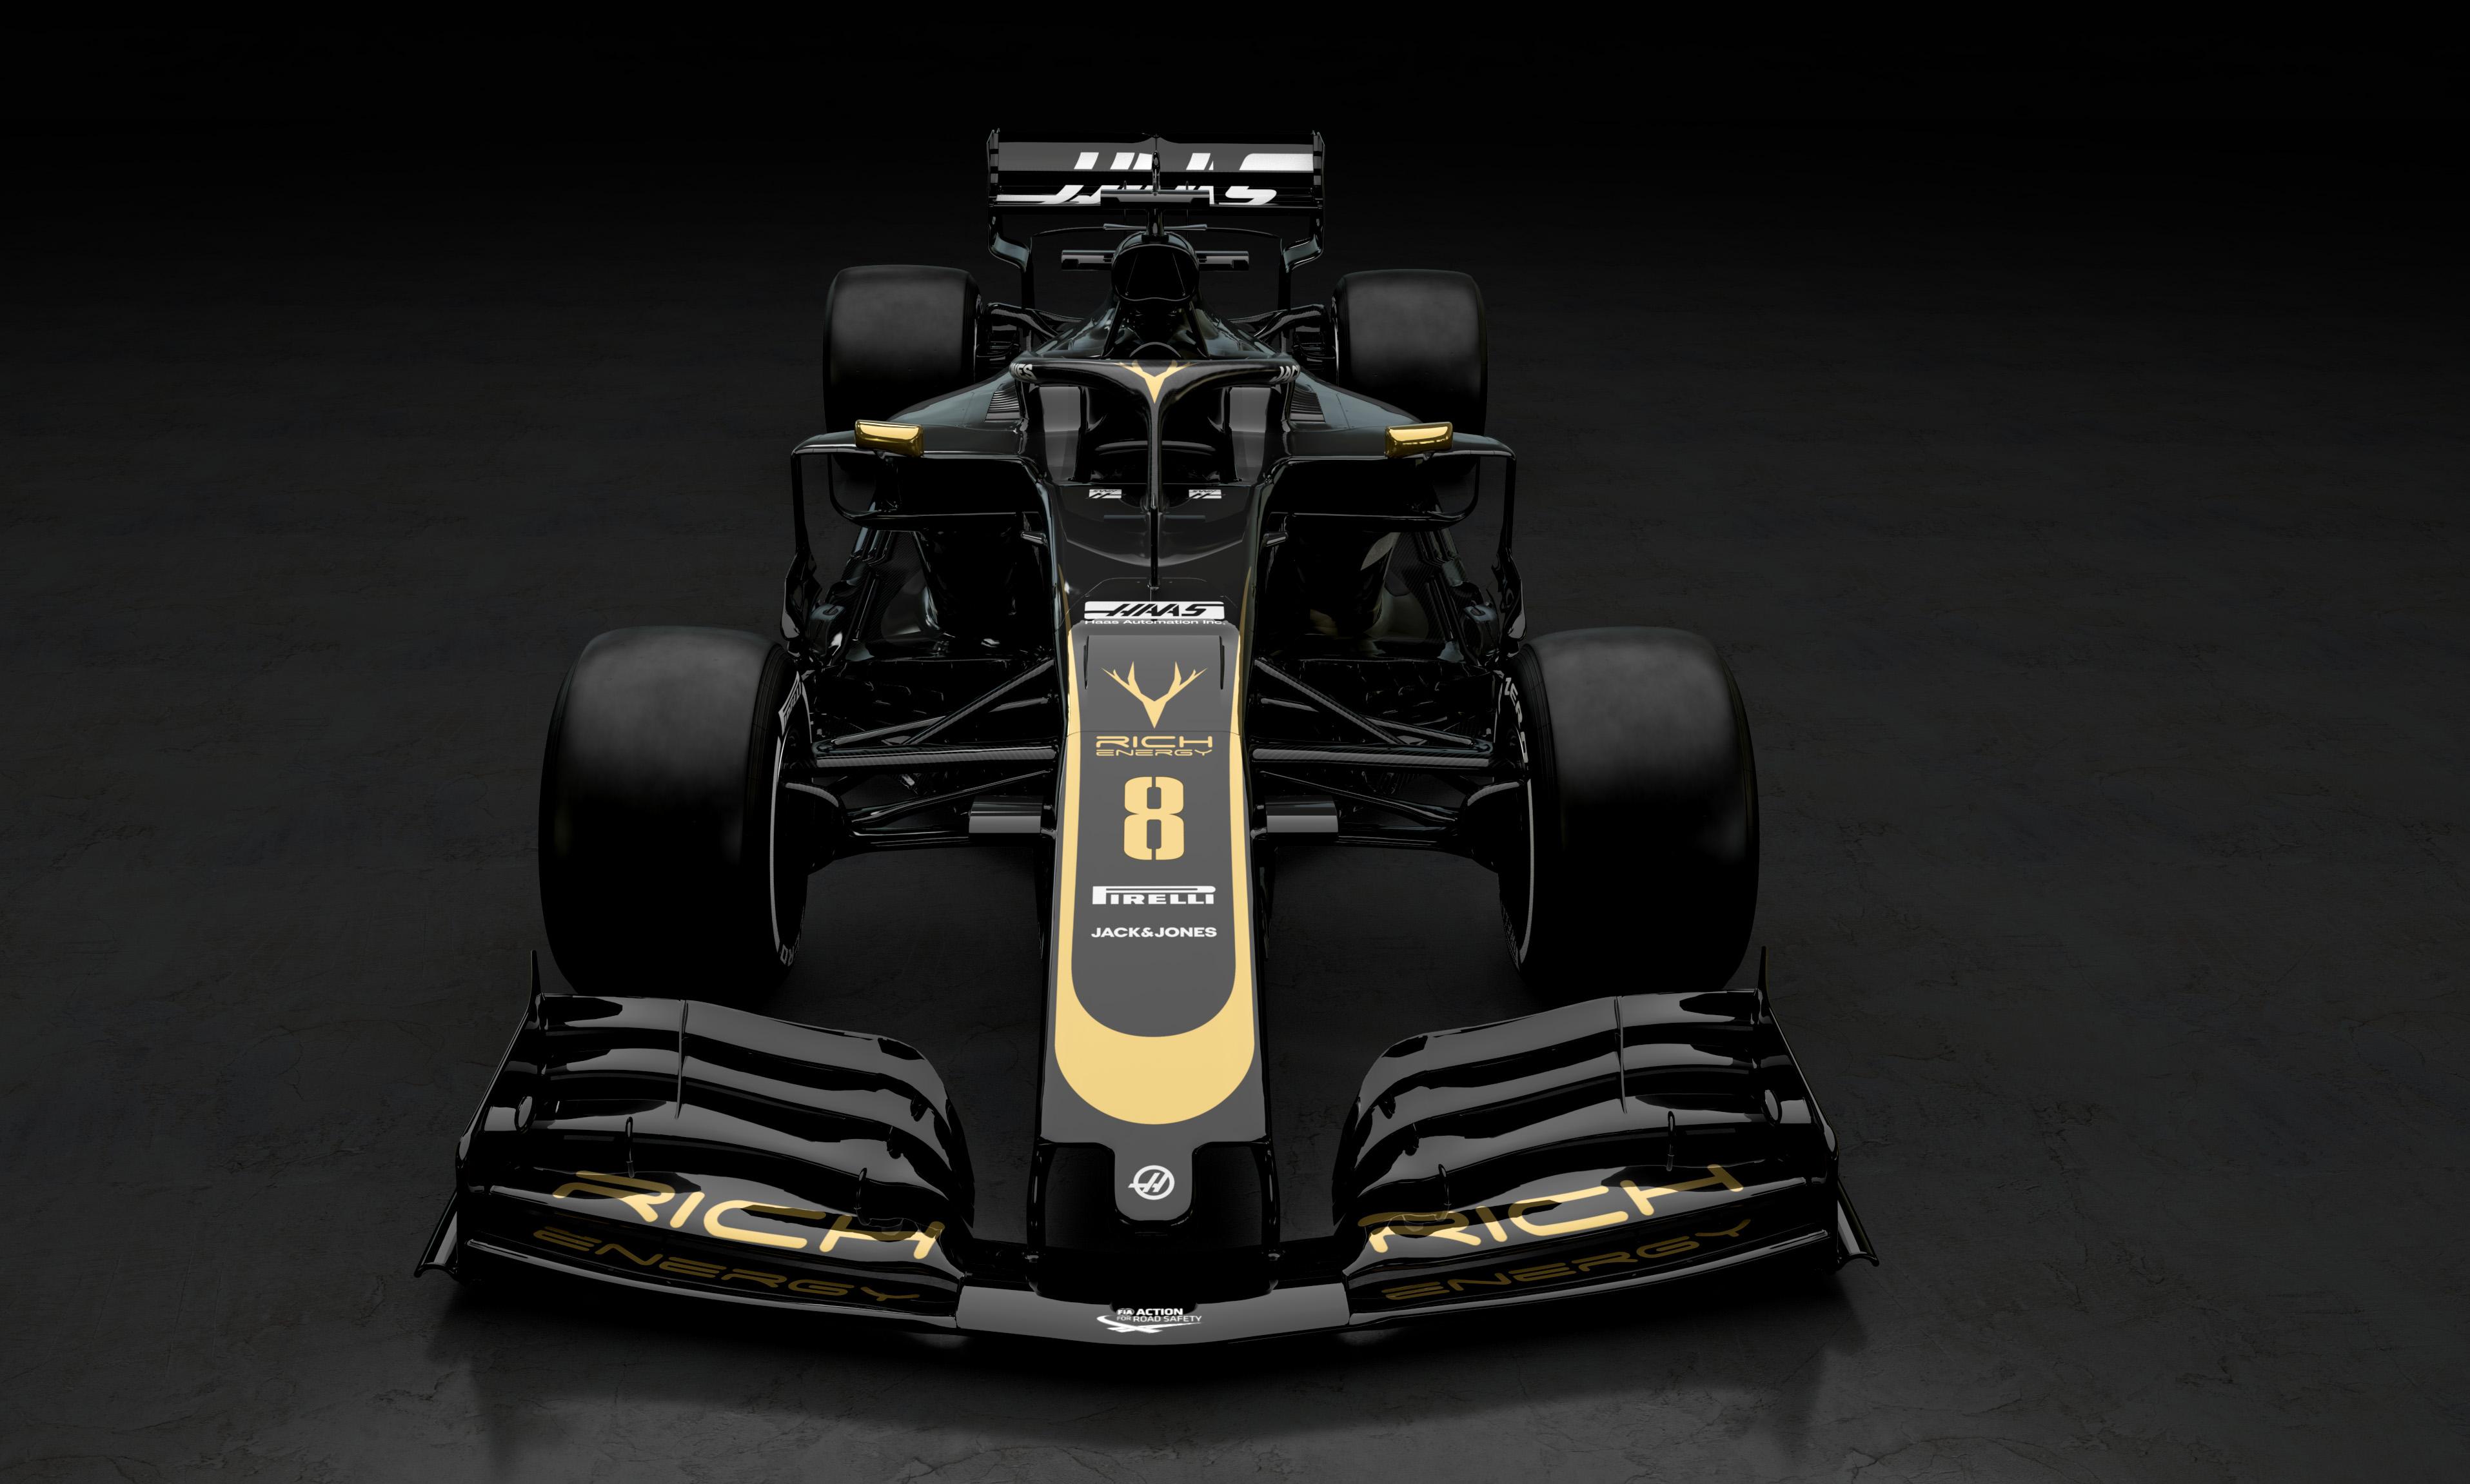 Photo of F1 – Com Pietro Fittipaldi, Rich Energy Haas F1 Team revela cores do carro para a temporada 2019 da F1